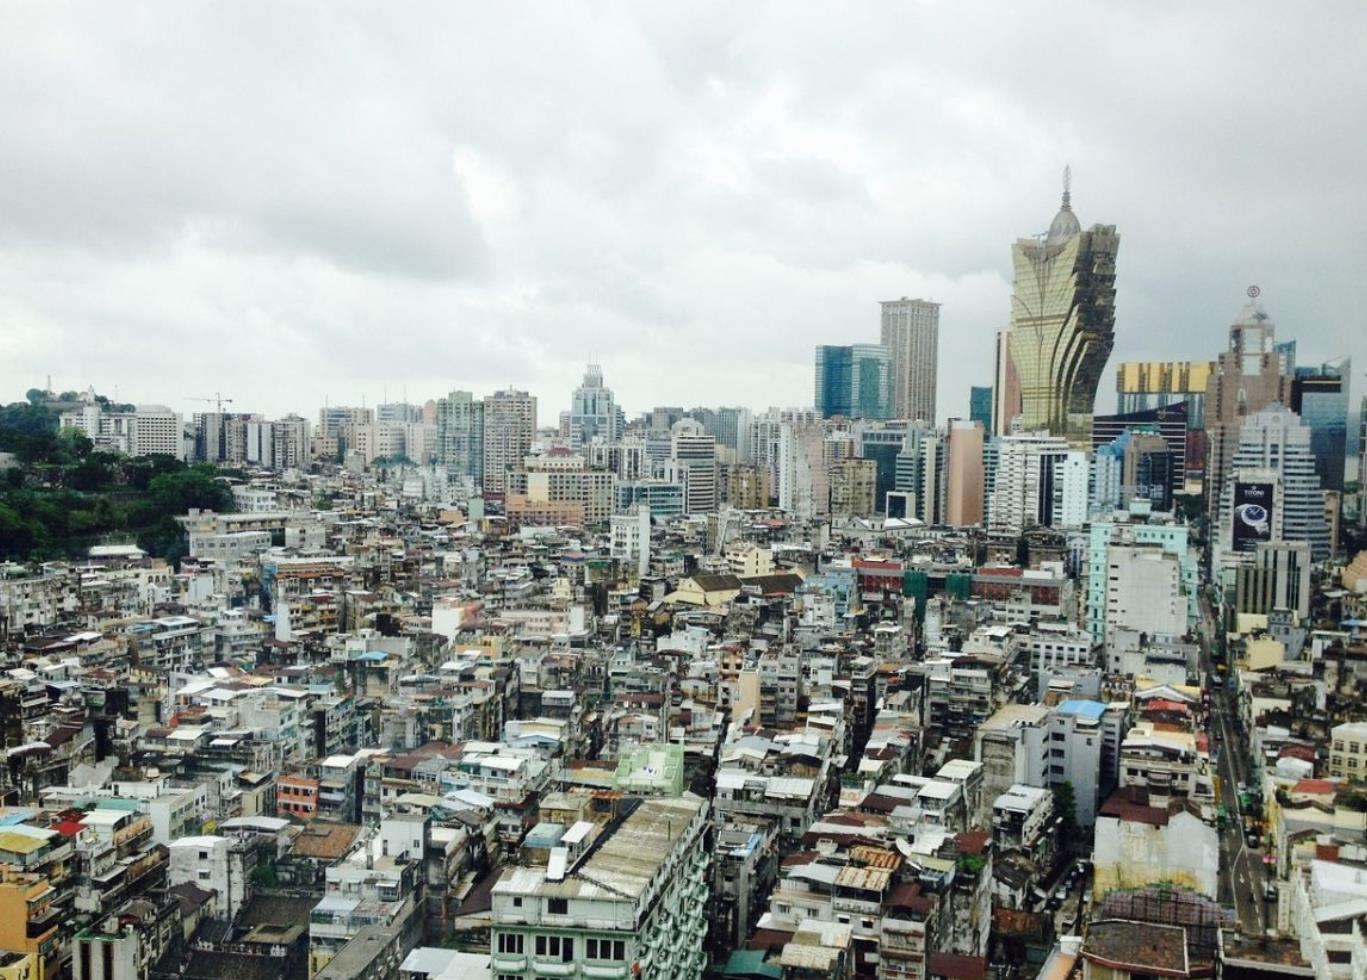 《【杏耀平台最大总代】7月70城房价公布!59城环比上涨,房地产的未来究竟该怎么看?》